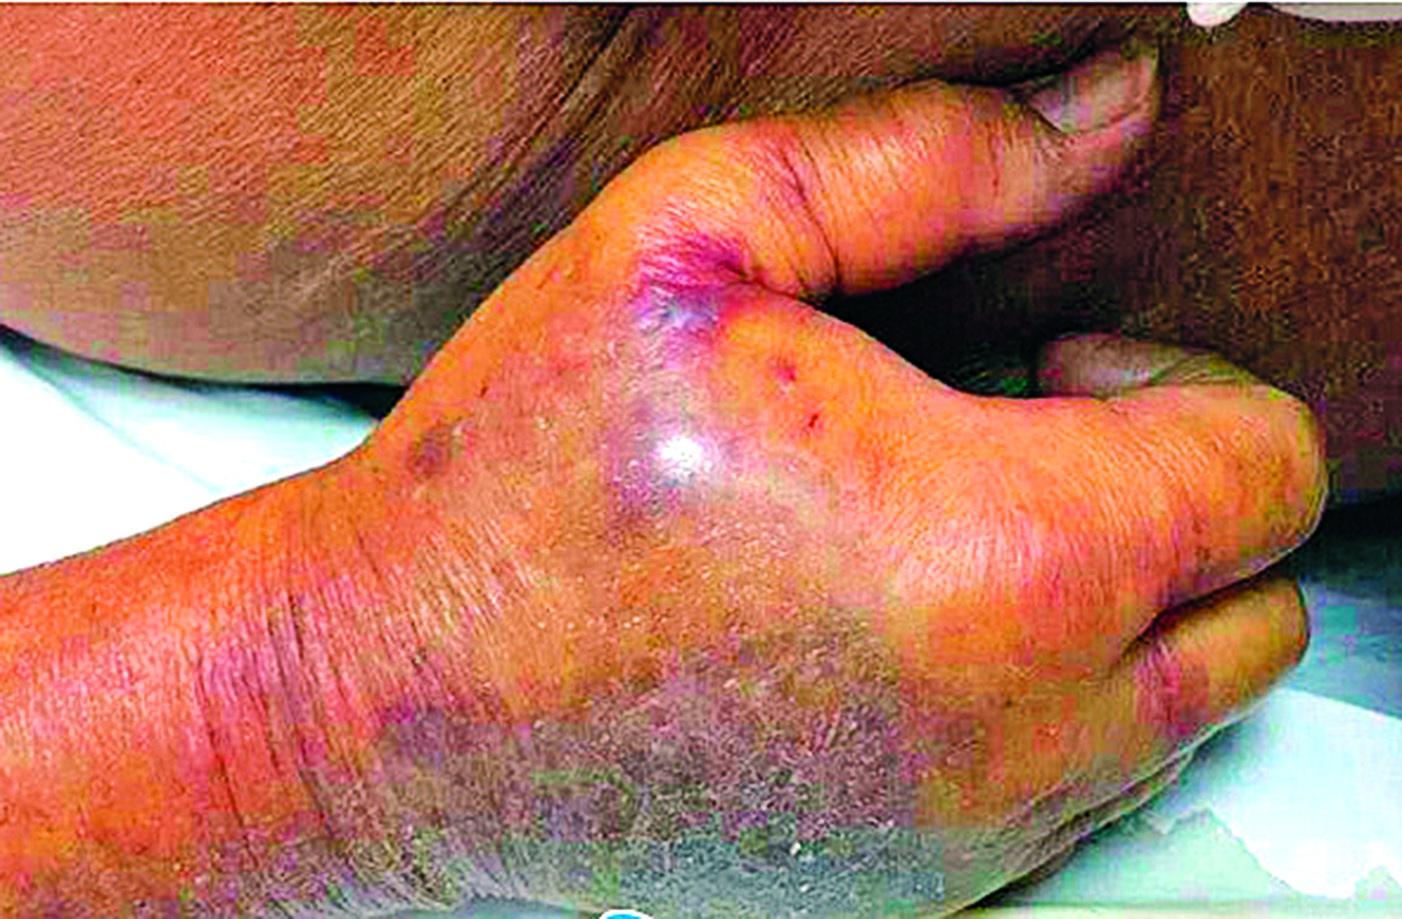 老人右手虎口被蟹鉗鉗傷,手背腫脹發黑。(網絡圖片)